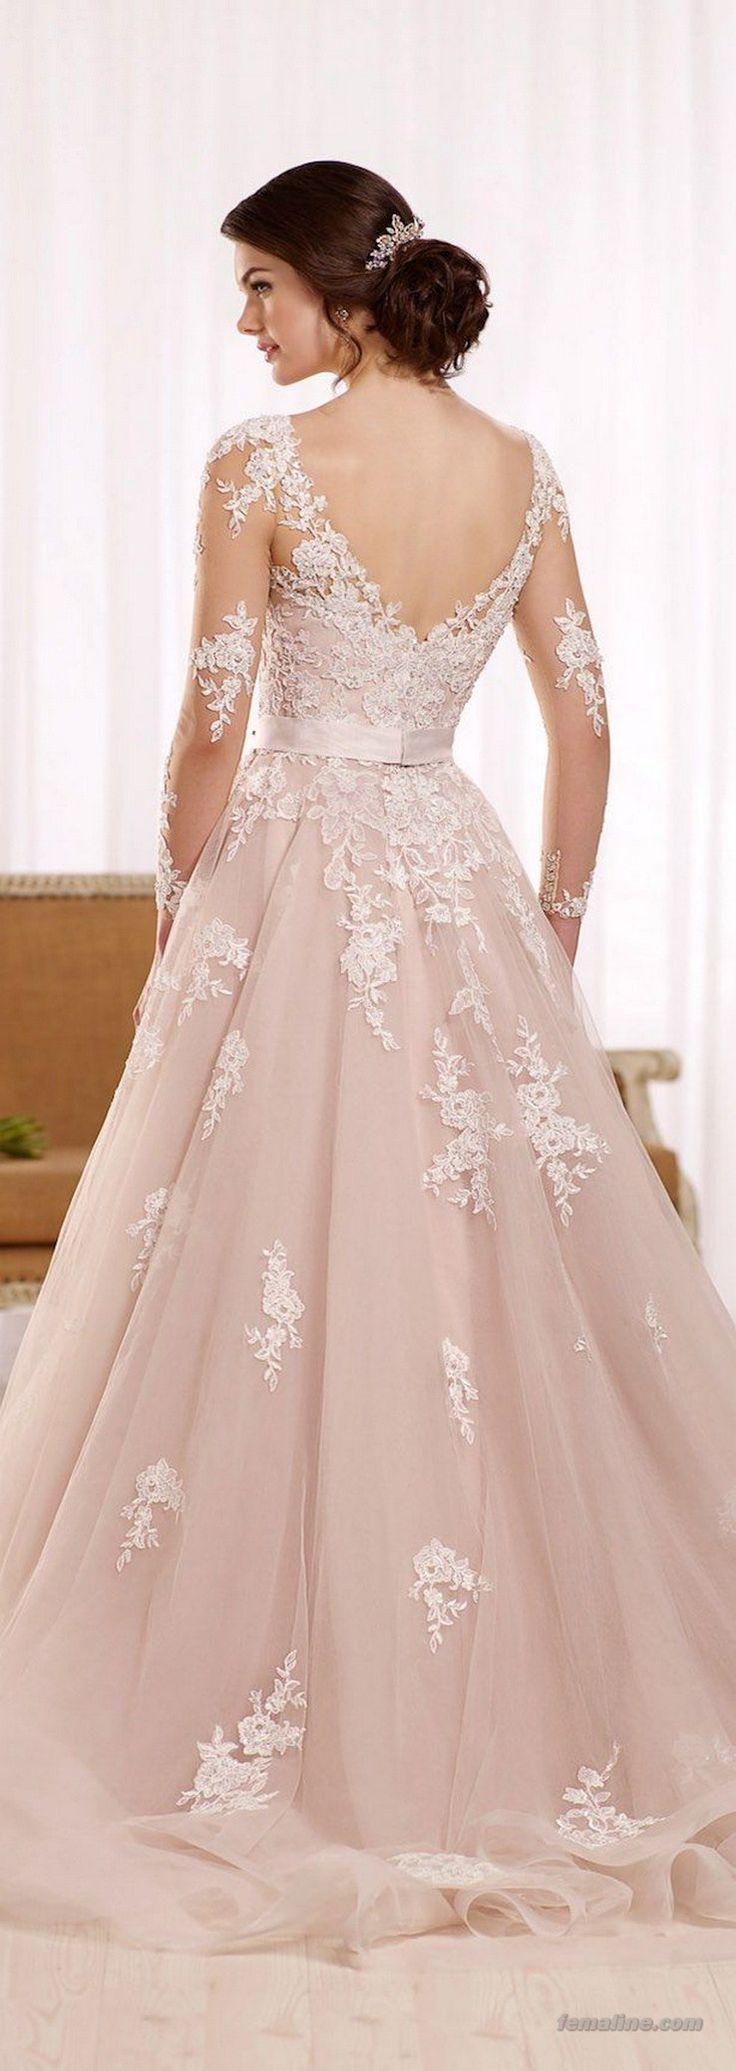 18 best Vestidos bellos de novia images on Pinterest | Homecoming ...